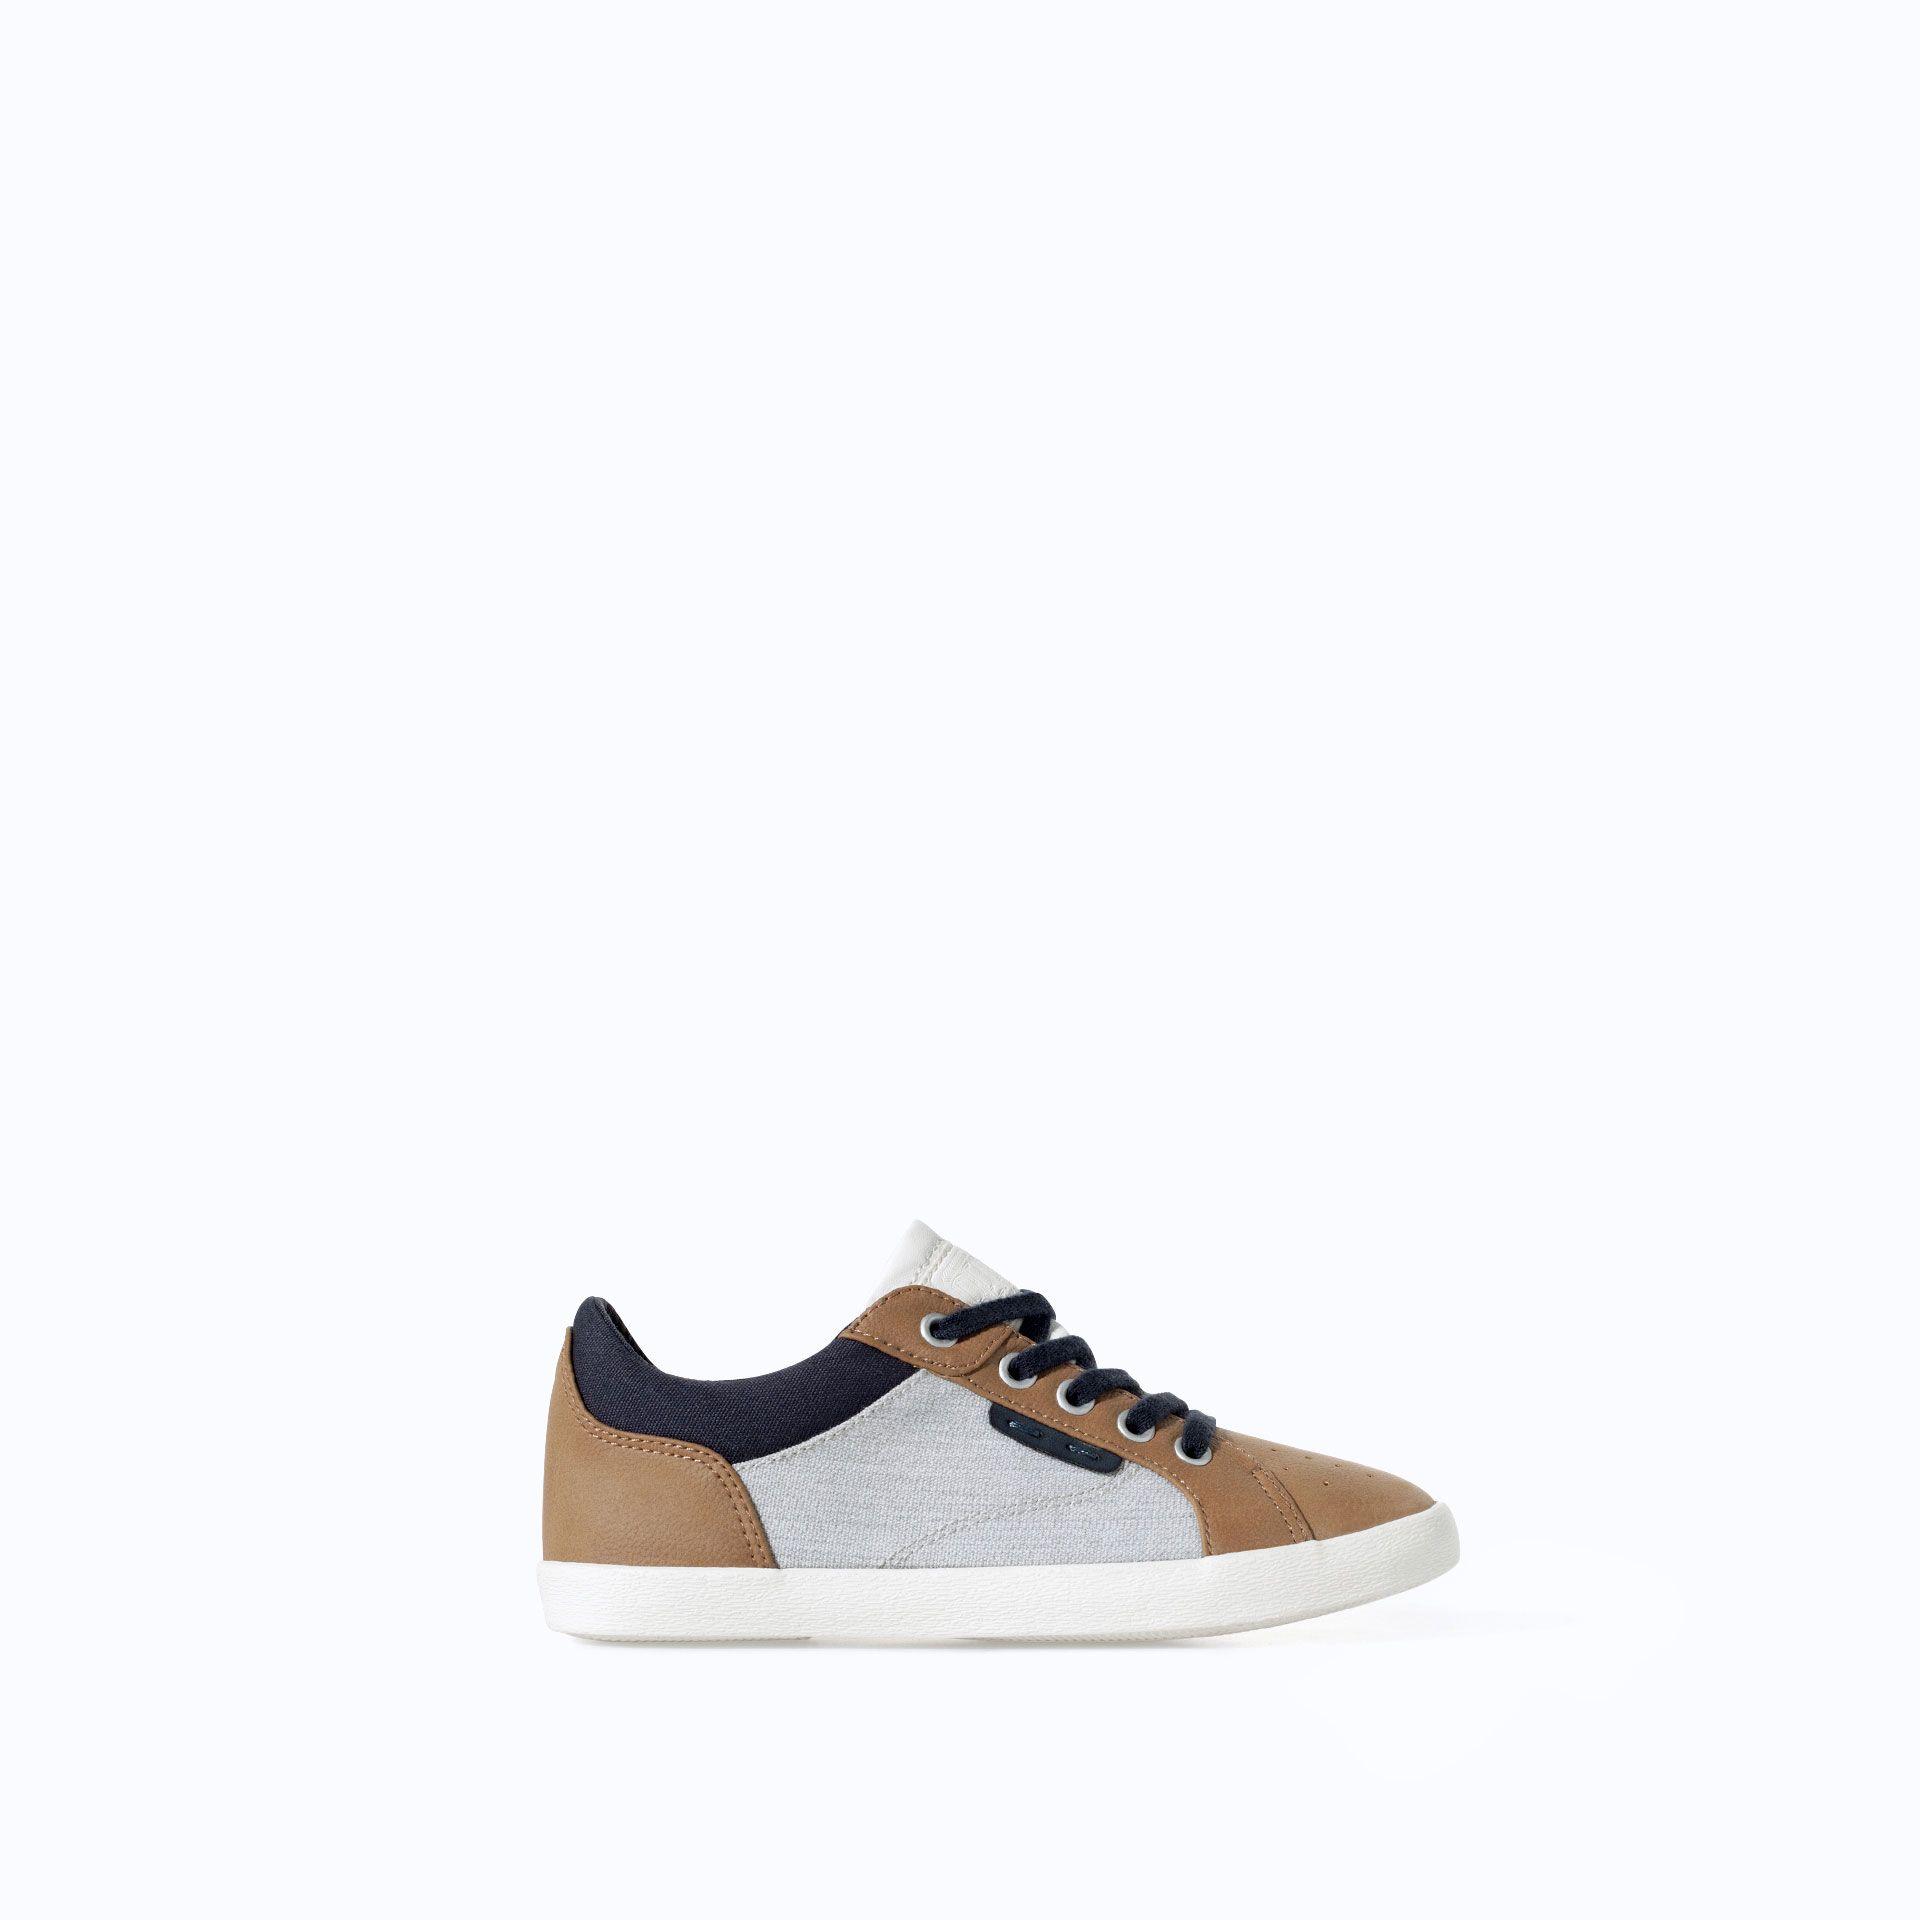 Zara Boys SS14   Zapatos para niñas, Calzado niños, Zara kids